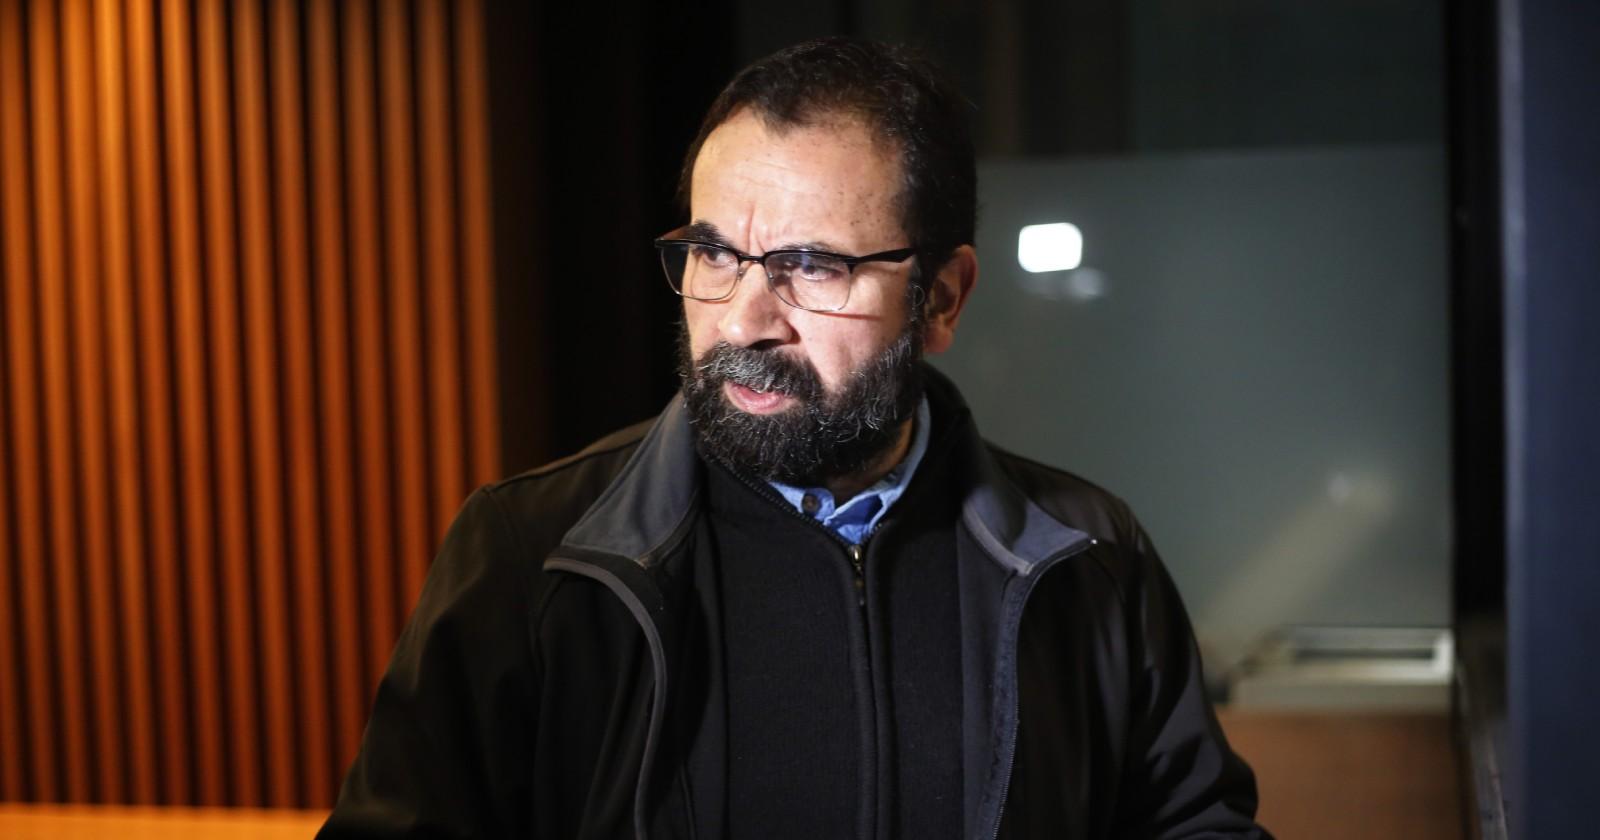 Tribunal Constitucional falla a favor del diputado Hugo Gutiérrez y rechaza destituirlo del cargo